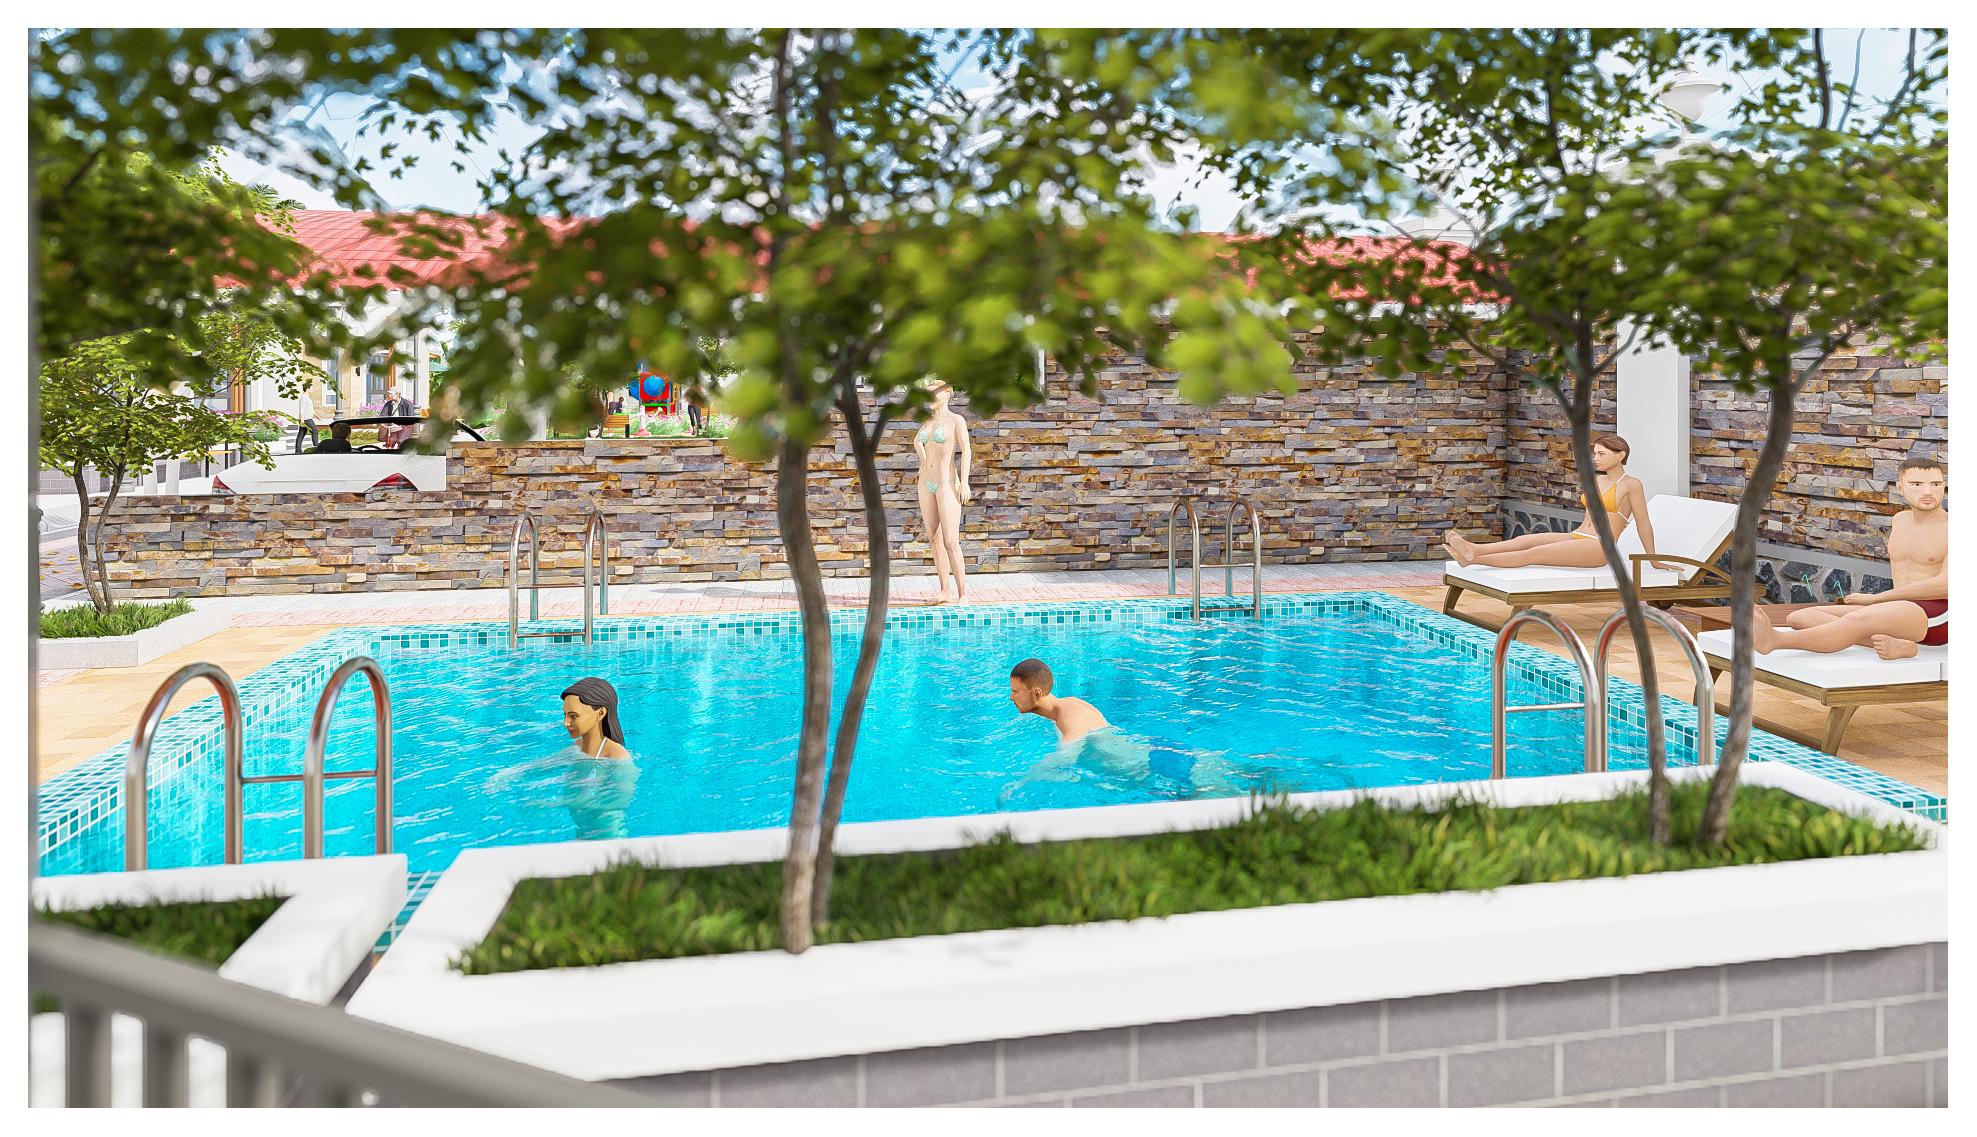 thiết kế Resort Khu Nhà Ở Dòng Họ1210